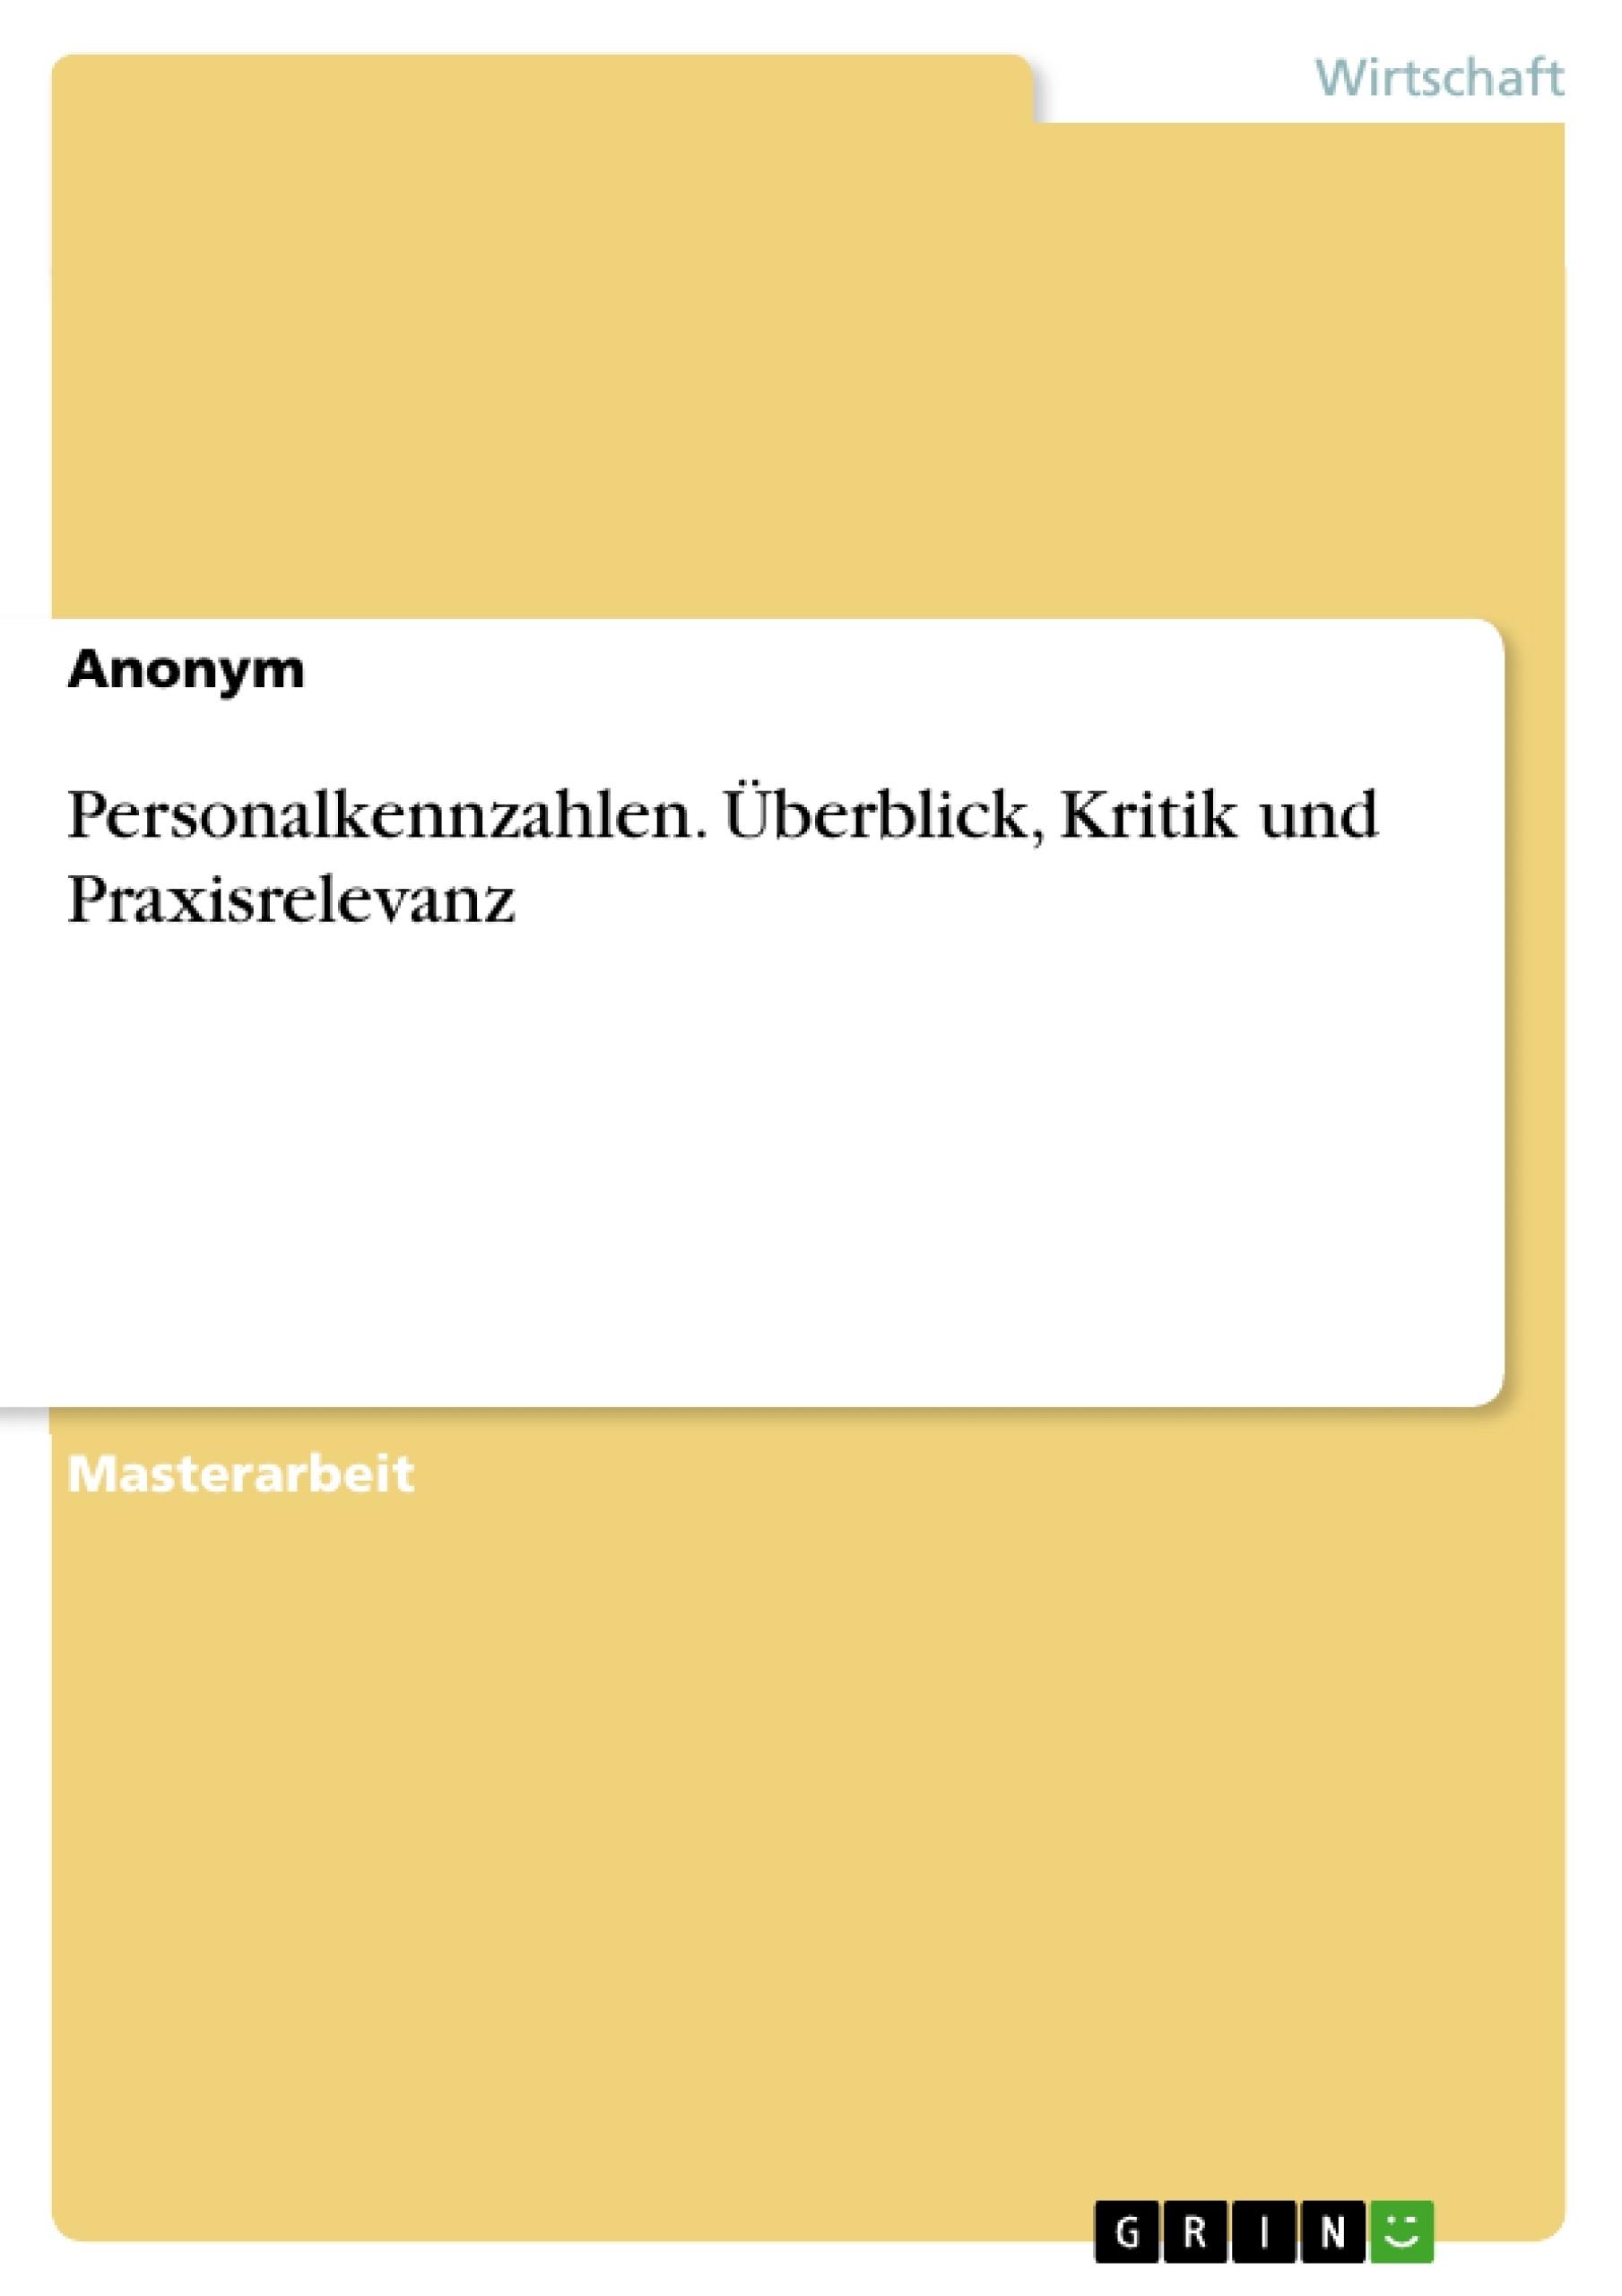 Titel: Personalkennzahlen. Überblick, Kritik und Praxisrelevanz